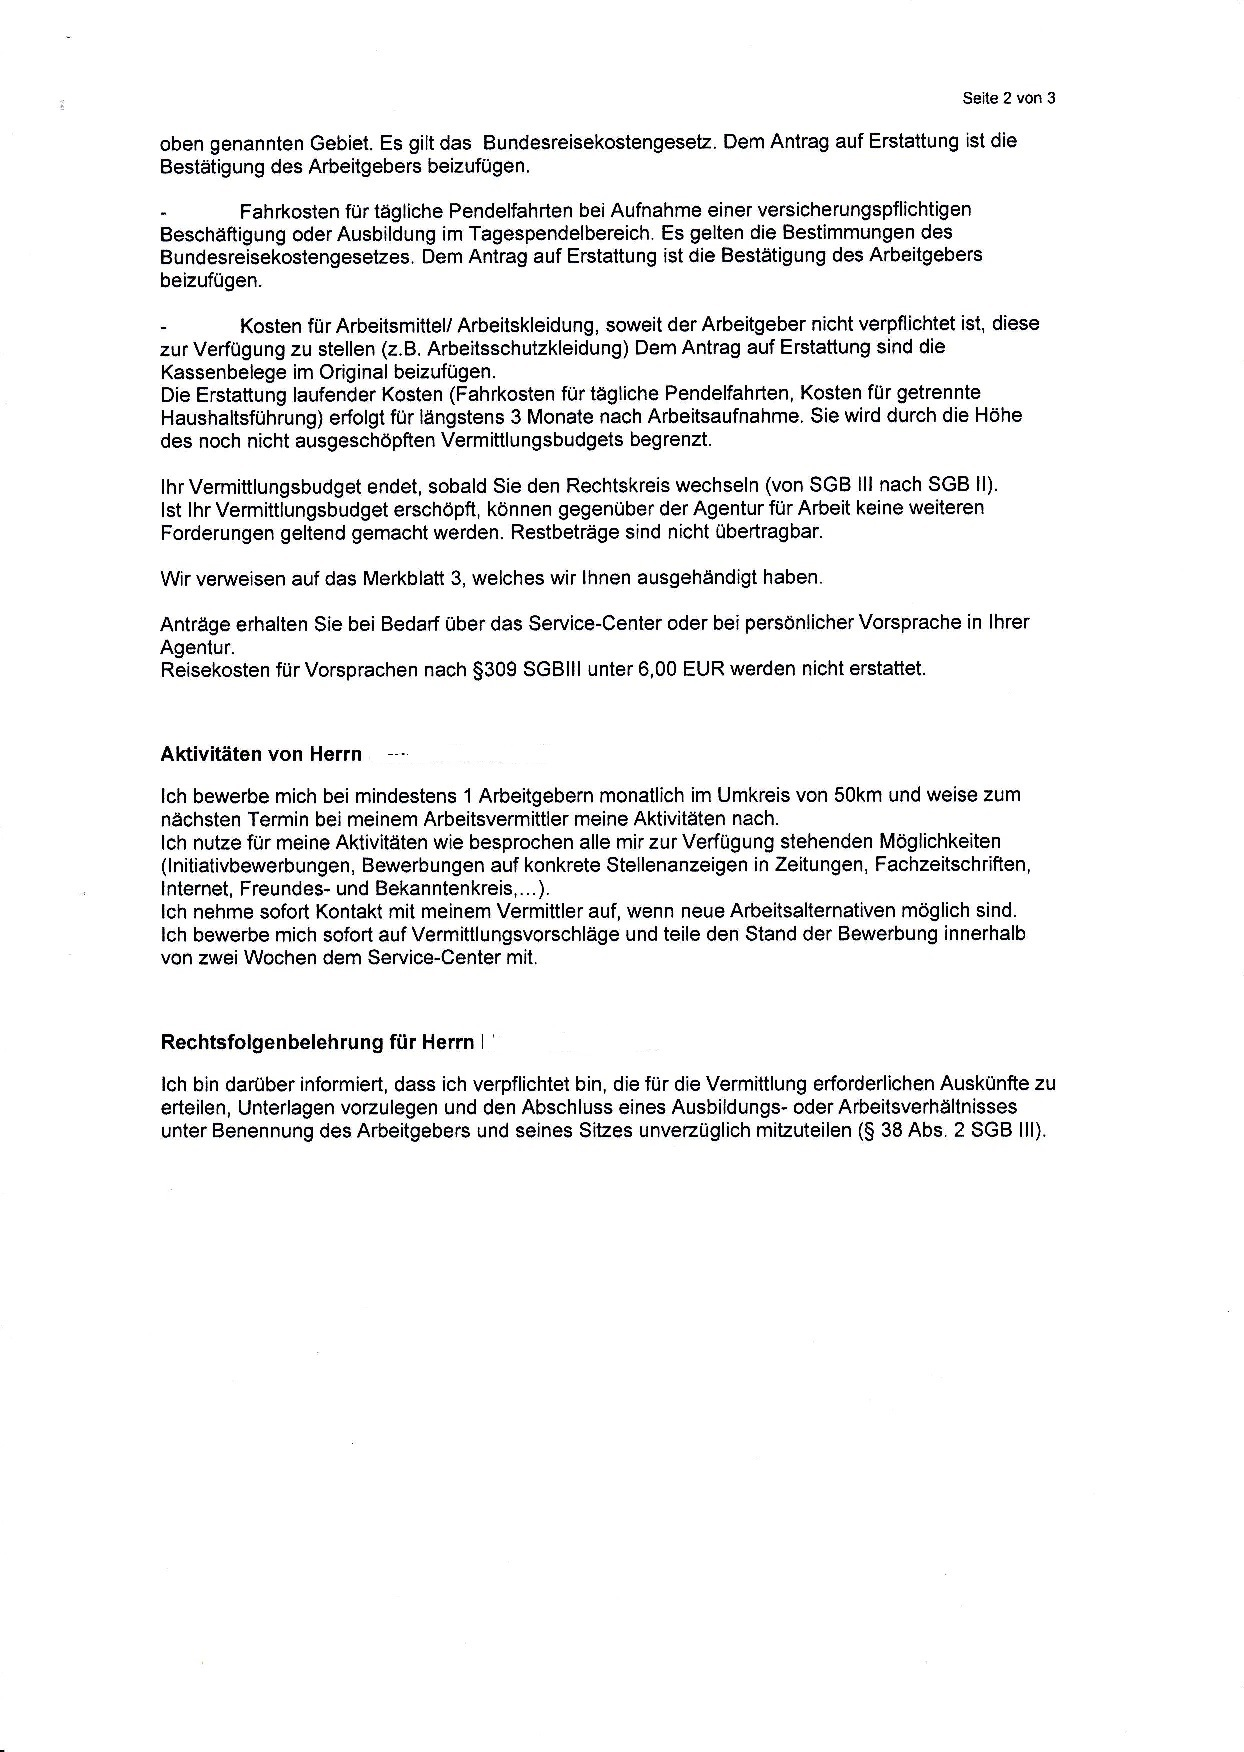 Eingliederungsvereinbarung bekommen - ALG-Ratgeber - Hilfe zur ...